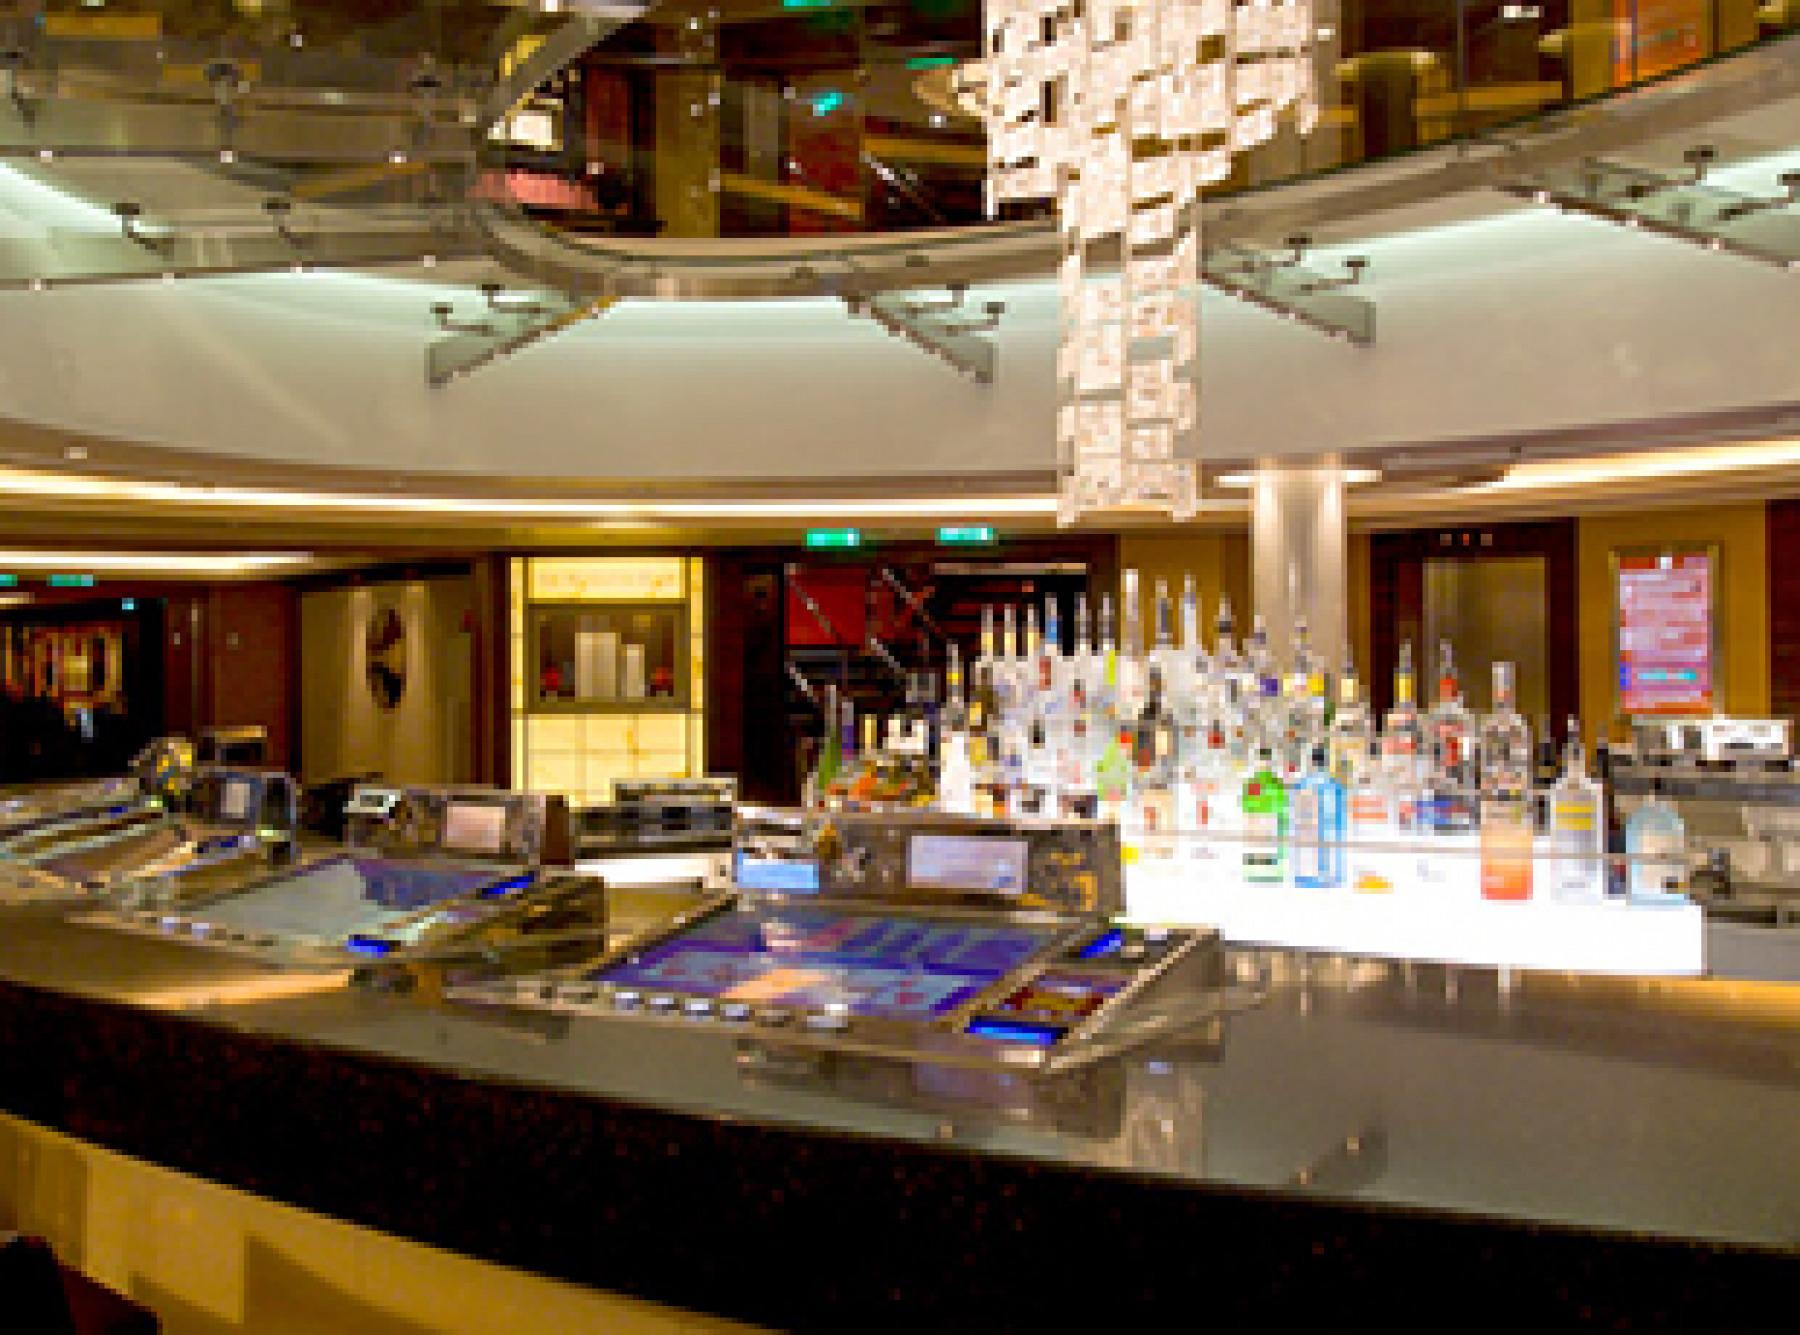 Norwegian Cruise Line Norwegian Epic Interior Cascades Bar.jpg